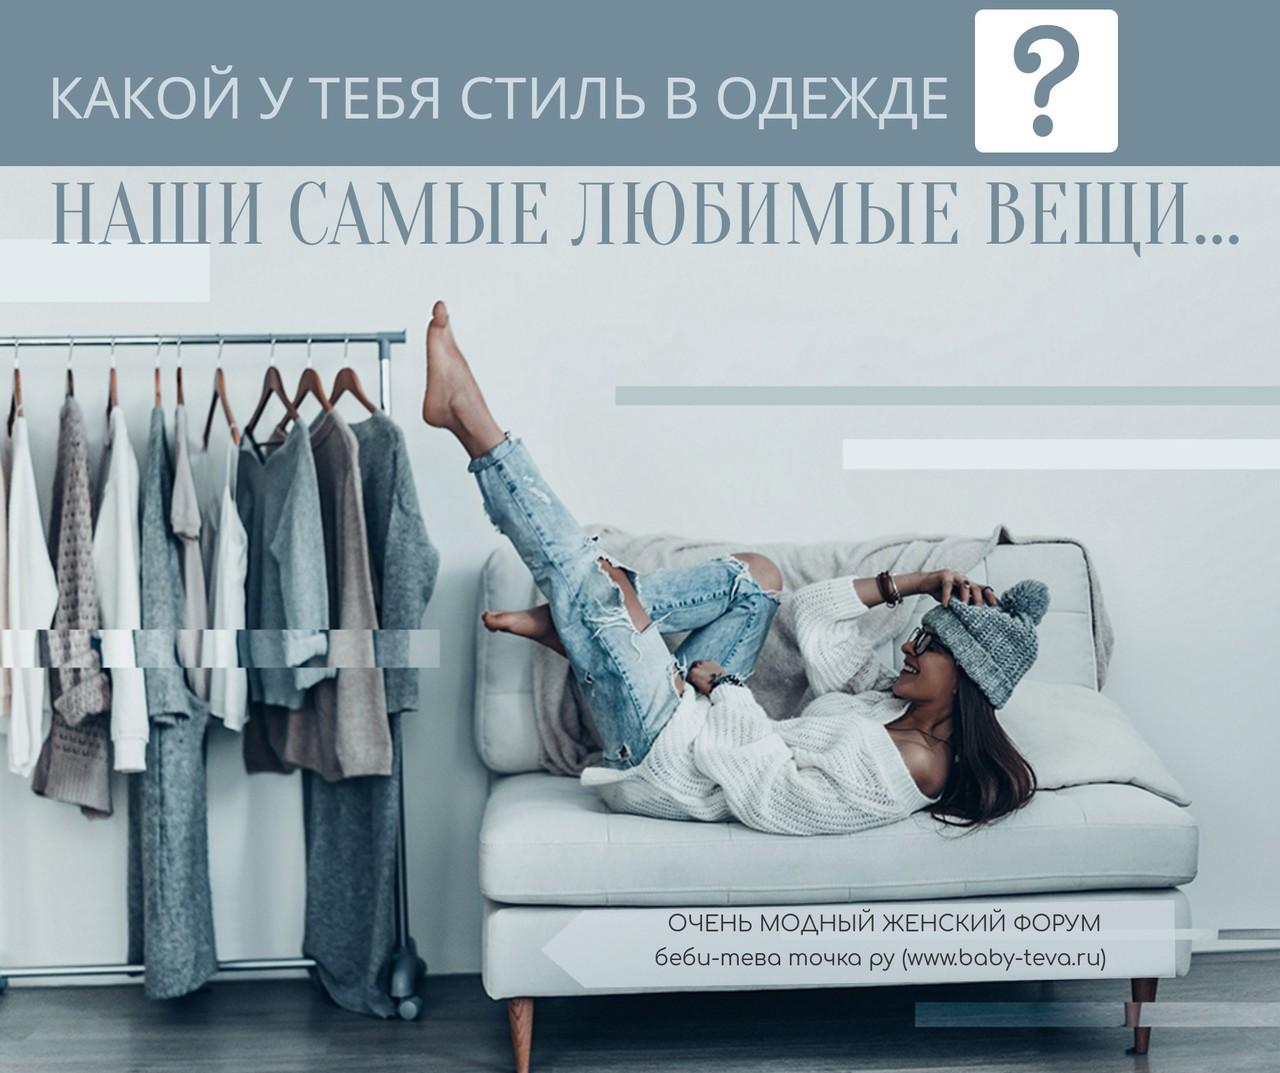 Ваш стиль в одежде, какую одежду любим носить?